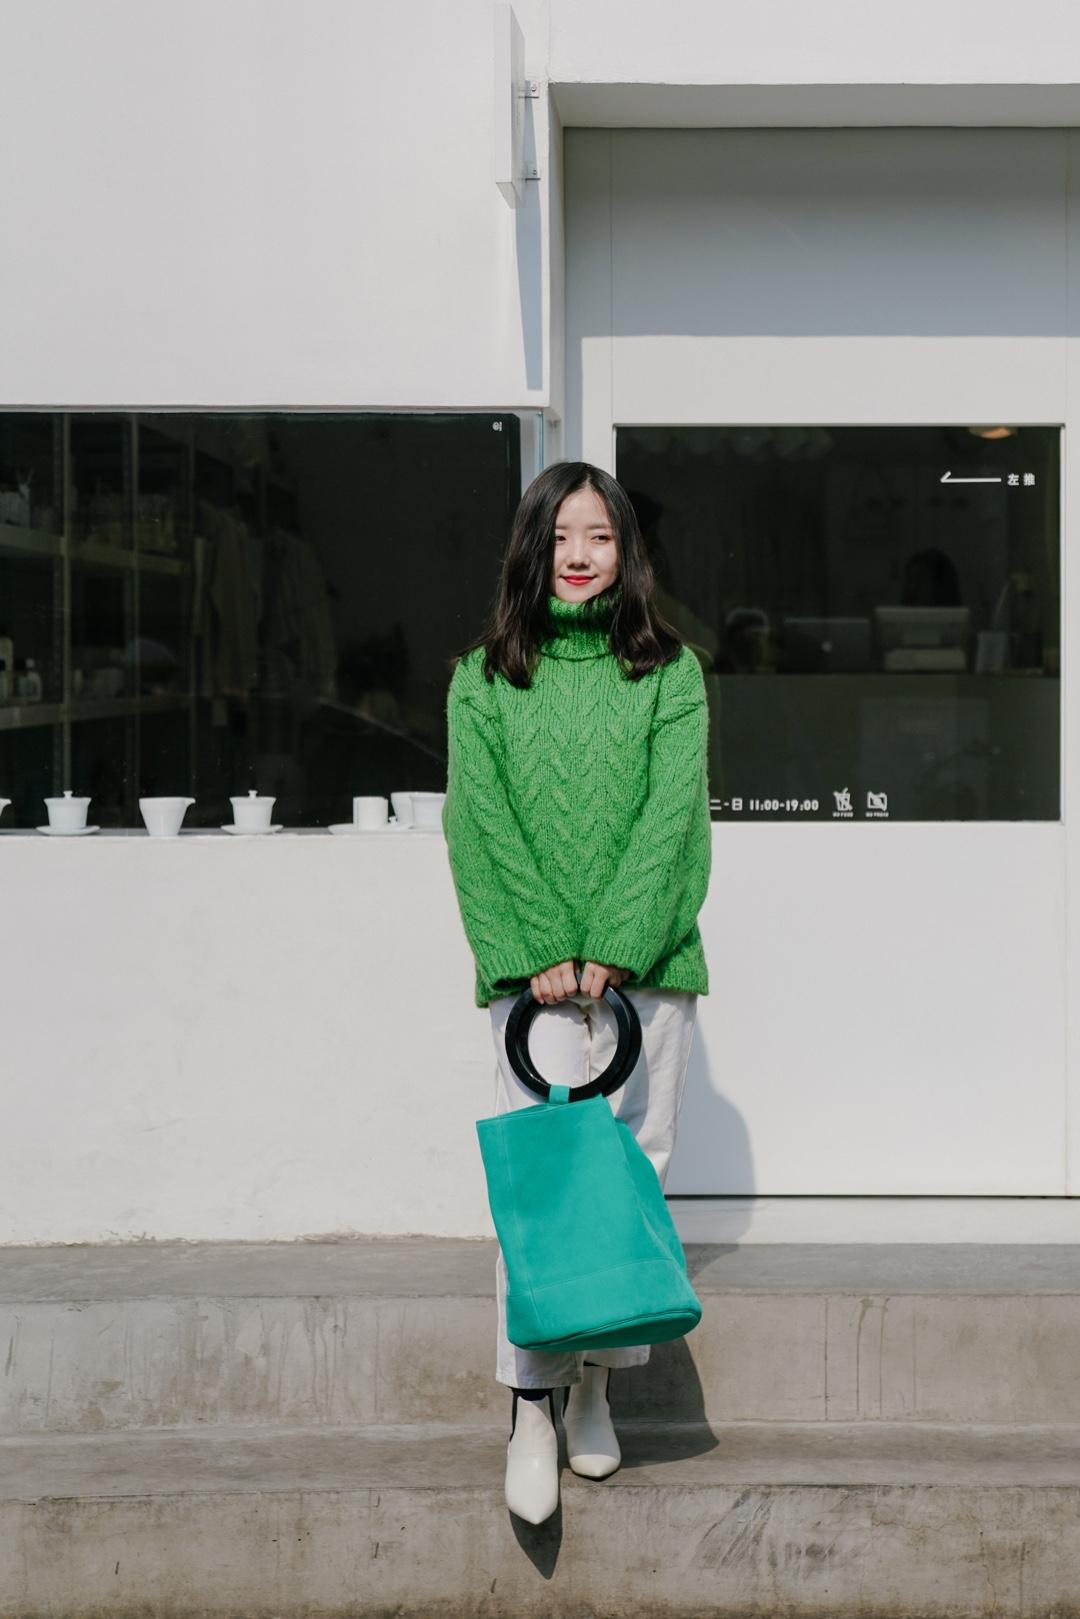 穿搭|早春色彩搭配——生机勃勃的绿色🥬 北京这几天真的越来越暖和啦,周末去国子监逛街,发现一家很适合拍照的商店,叫 好白商店,建筑整个都是纯白的。🏠 再来说一下穿搭,我觉得绿色真的是很适合春天的颜色,这一身草绿和湖绿加白色的搭配,穿成了一颗生机勃勃的大白菜。 毛衣是mango的,18年冬天的款,最近进入最后打折期间,价格低到不要钱,真的可以好好淘一淘彩色的毛衣春天穿哦~ 水桶包是simon miller的bonsai,虽然迷你盆栽小水桶已经火遍地球了,但是我被超大号的官方模特图那种慵懒随意又很酷的气质迷住了,于是下手了这只超大号,是为春天准备的戏精本精了,哈哈 #春日温柔针织系穿搭#